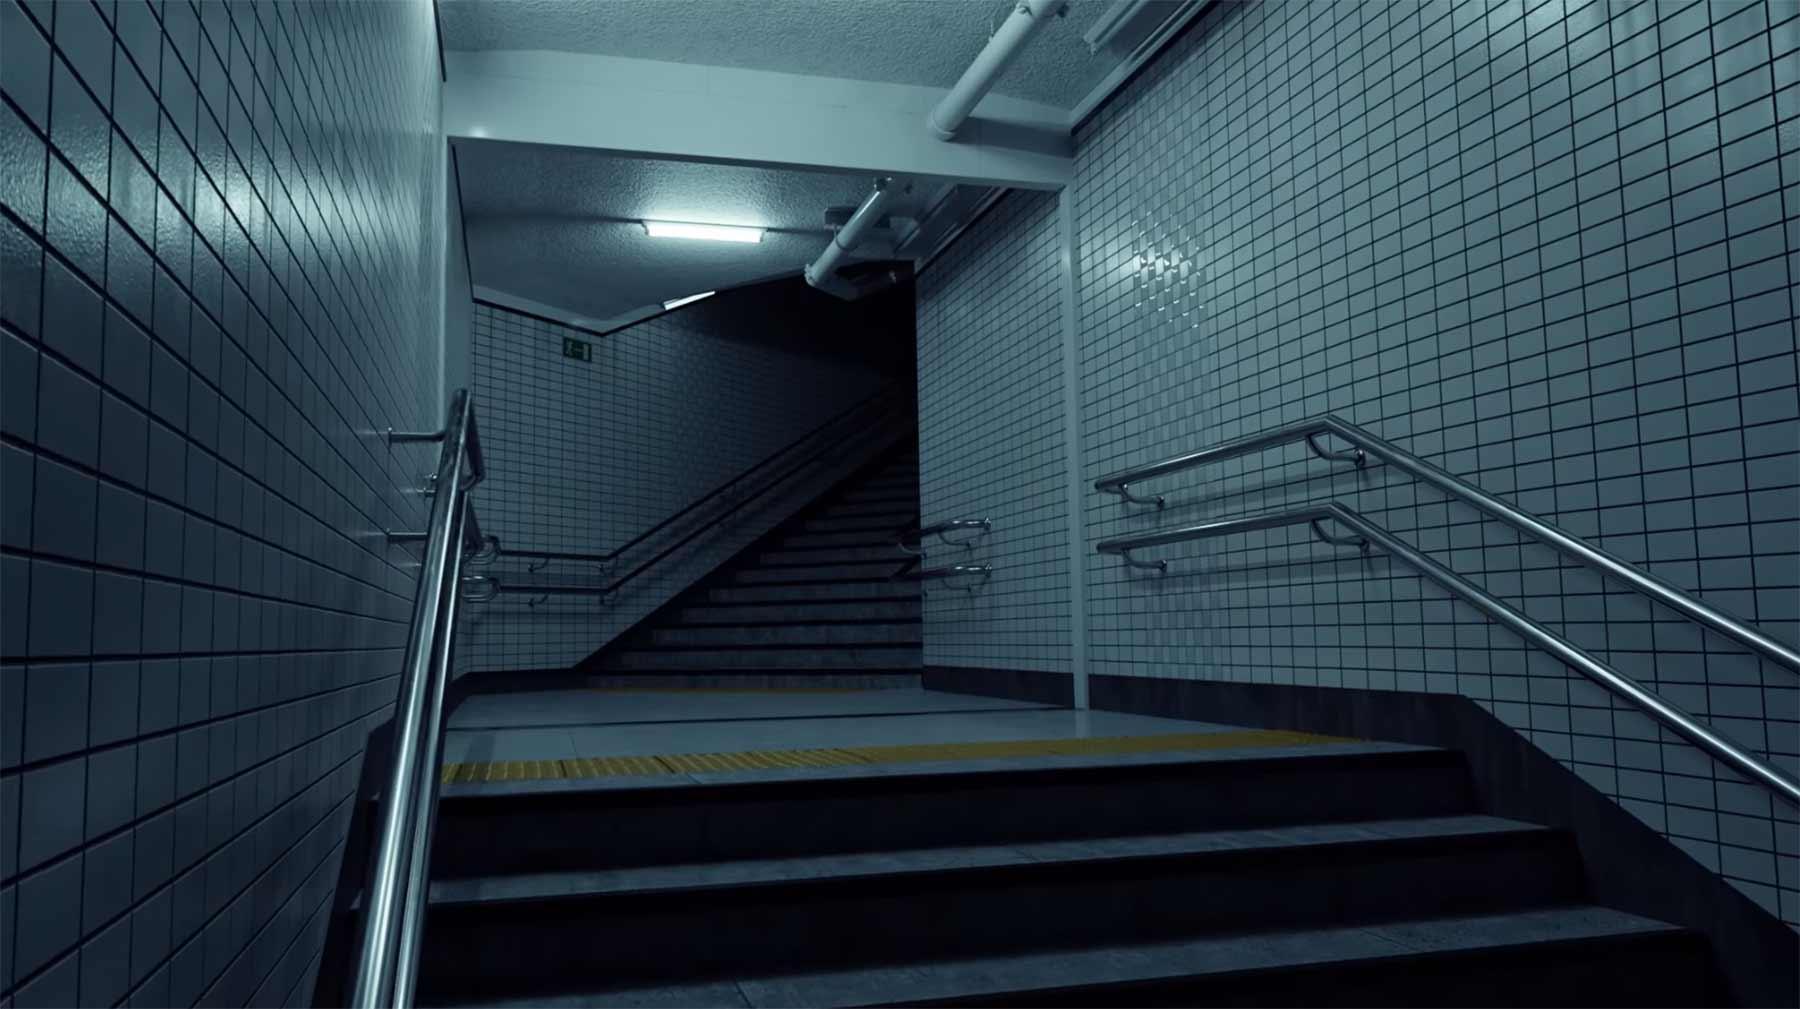 Einen U-Bahn-Aufgang in 3D nachbauen ubahn-tunnel-in-blender-nachgebaut